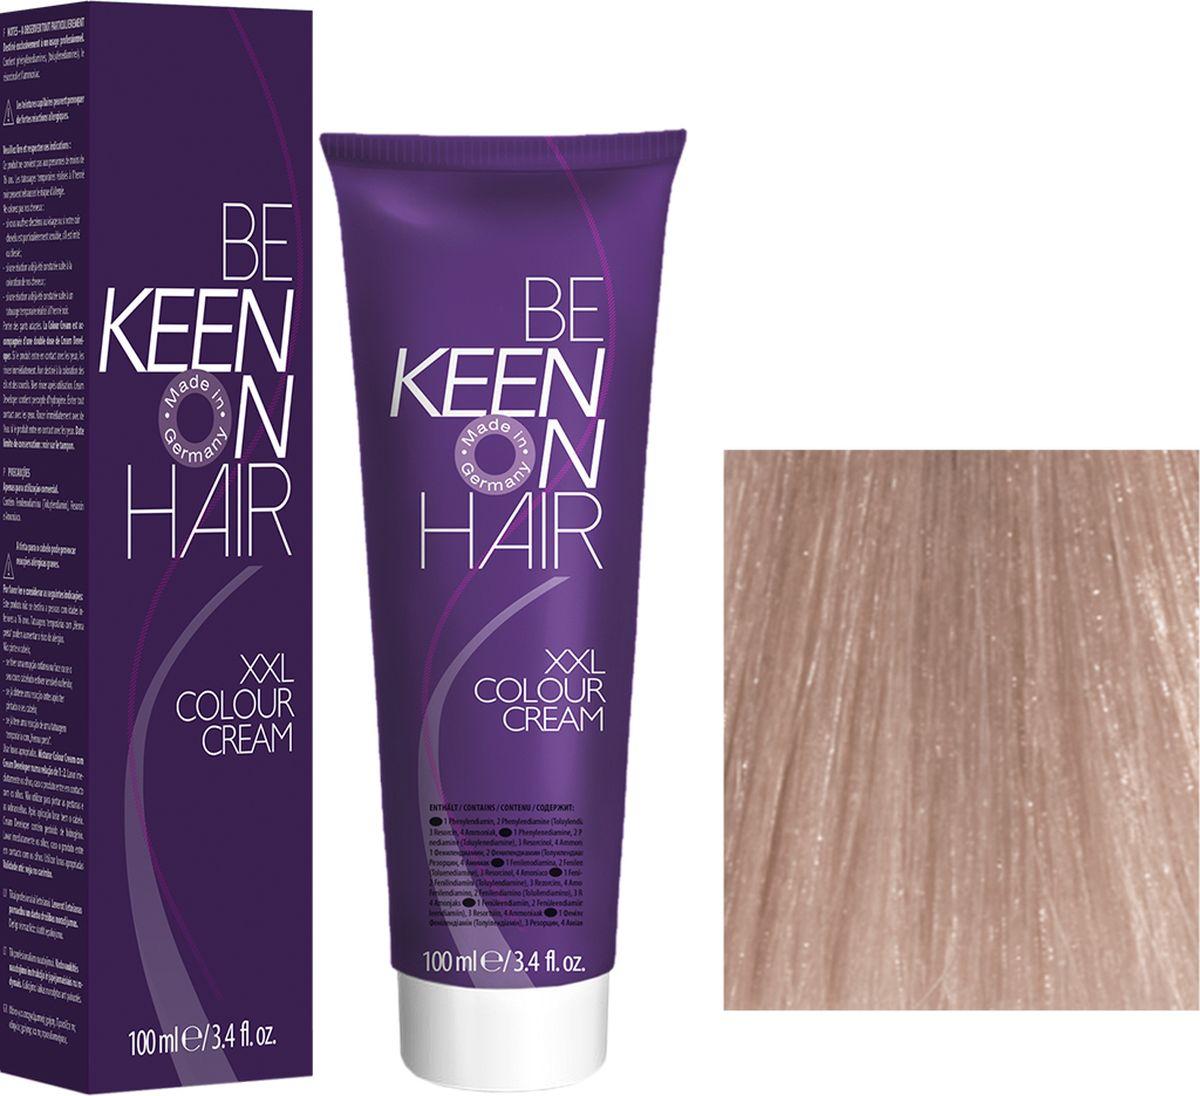 Keen Краска для волос 12.65 Платиновый фиолетово-красный блондин Platinblond Violett-Rot, 100 млA9493100Модные оттенкиБолее 100 оттенков для креативной комбинации цветов.ЭкономичностьПри использовании тюбика 100 мл вы получаете оптимальное соотношение цены и качества!УходМолочный белок поддерживает структуру волоса во время окрашивания и придает волосам блеск и шелковистость. Протеины хорошо встраиваются в волосы и снабжают их влагой.